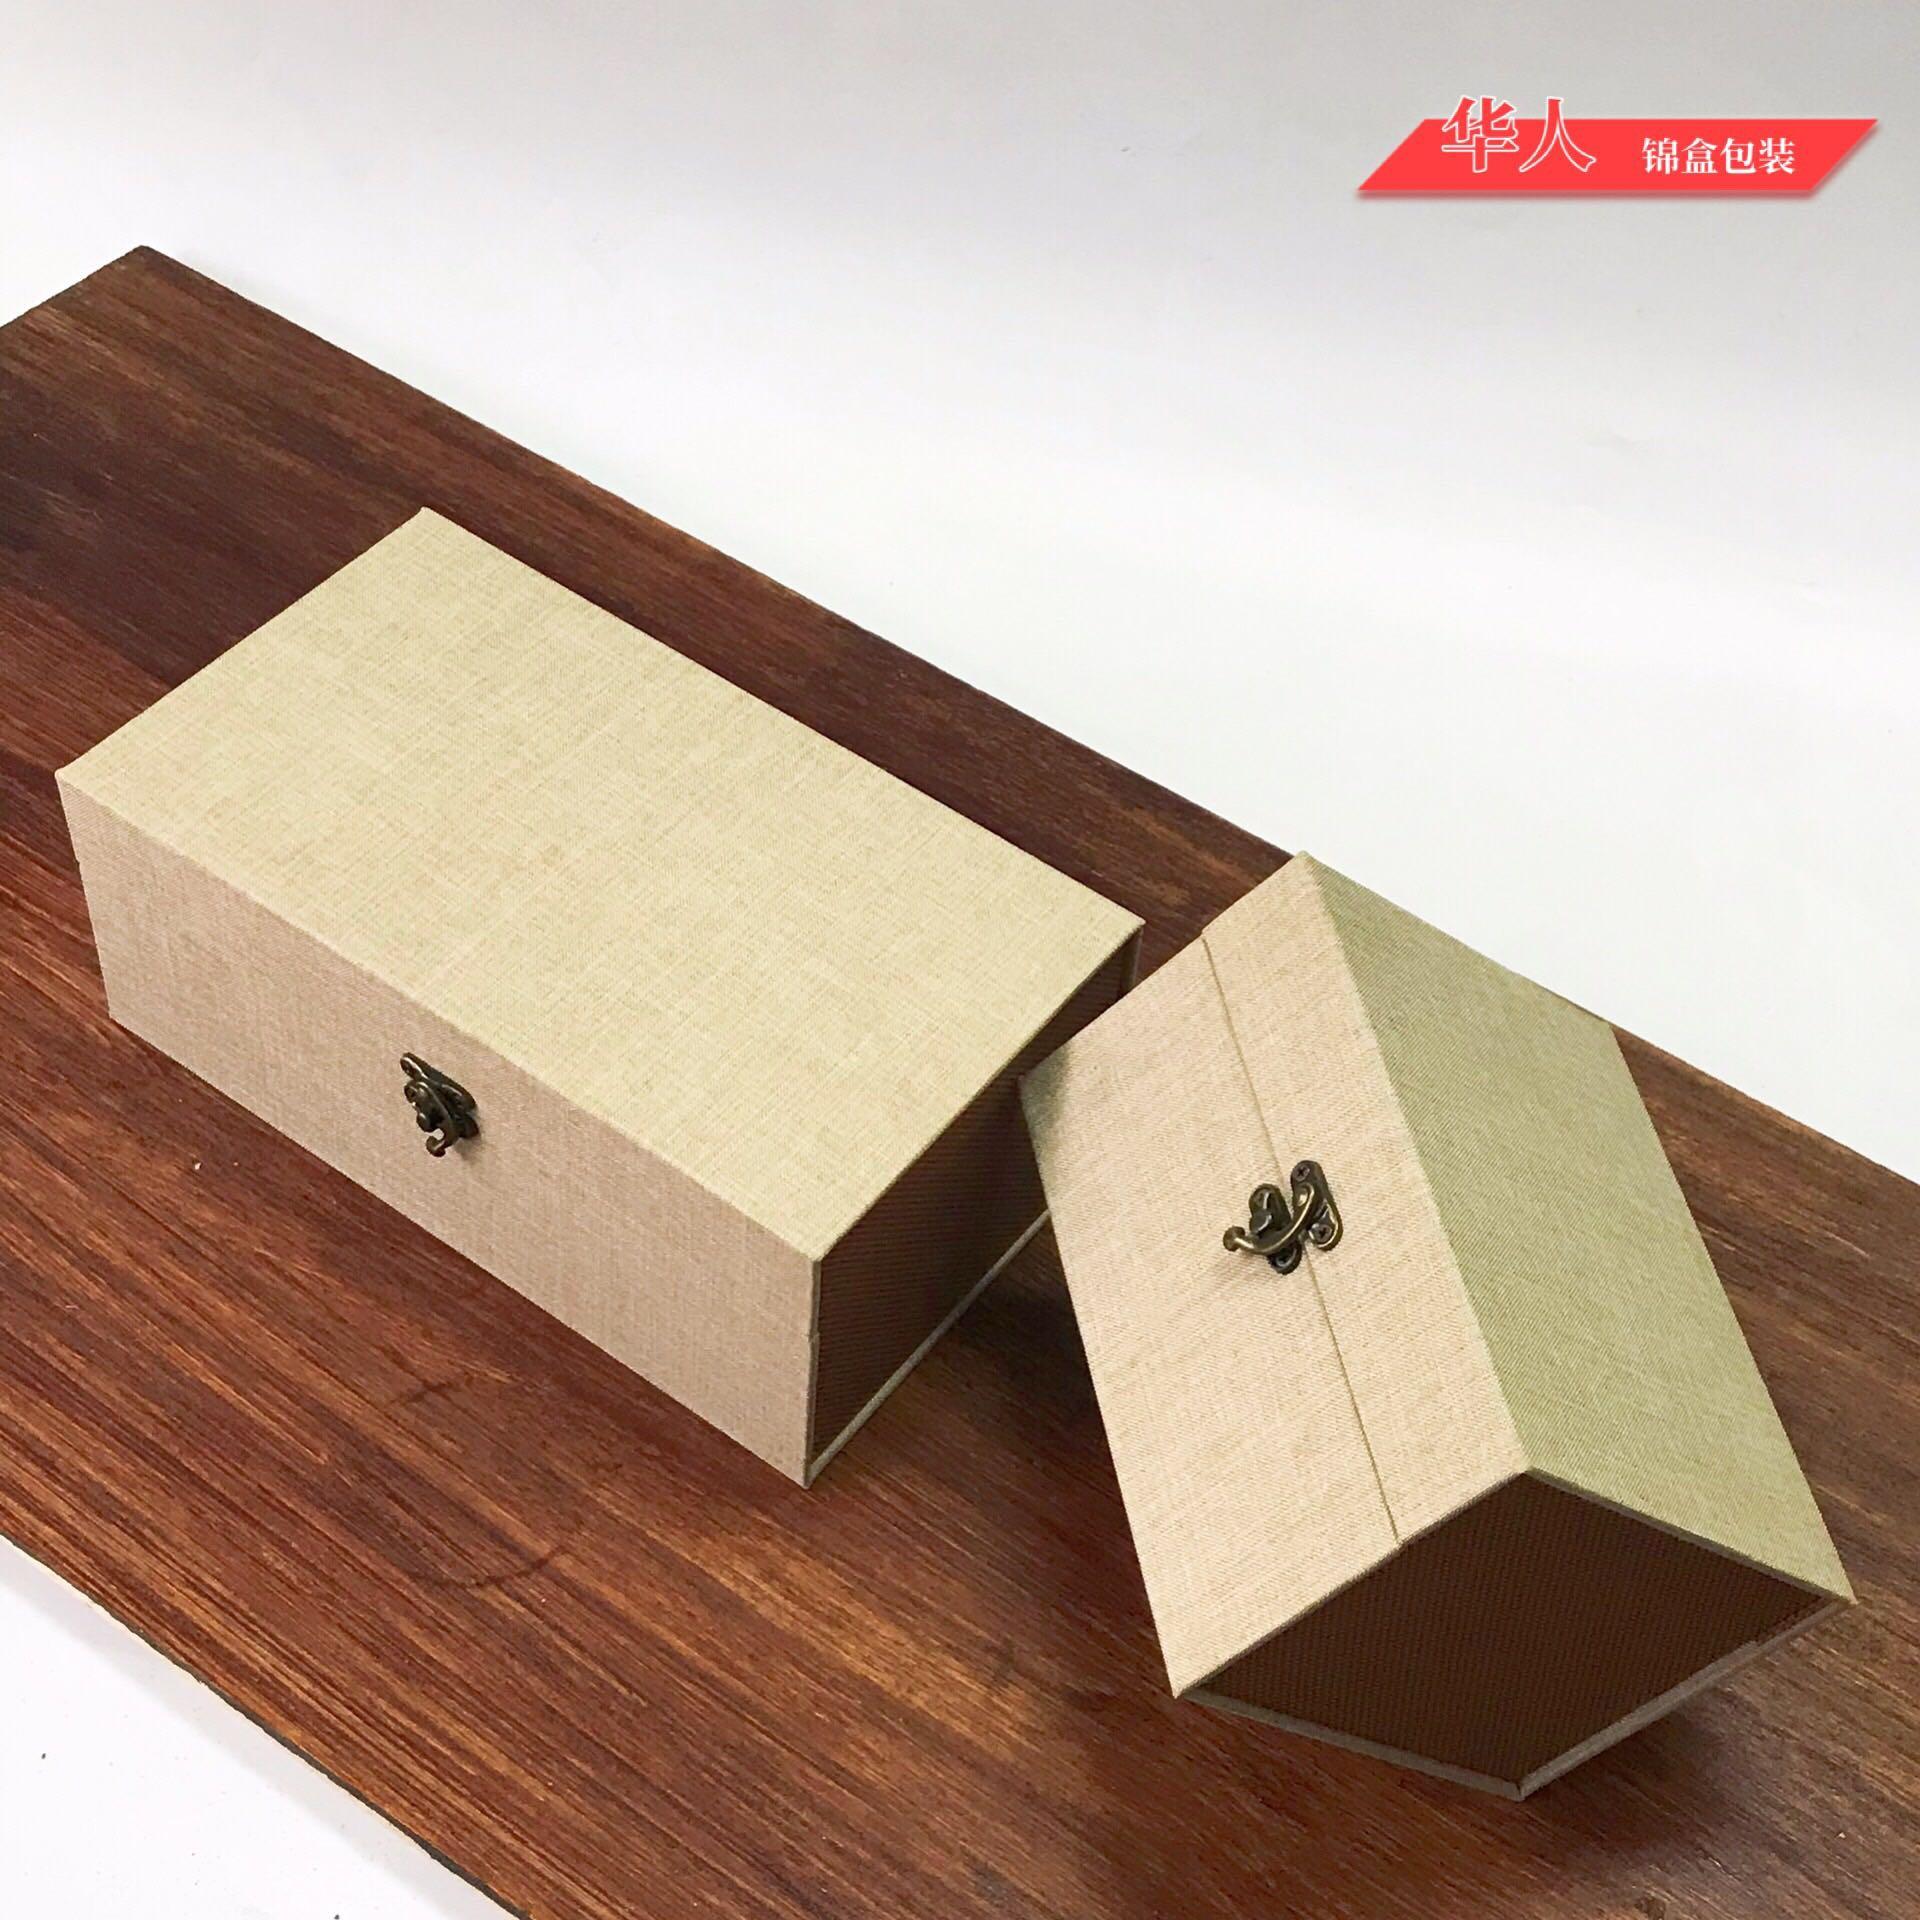 长方形包装盒子工艺品(用1元券)